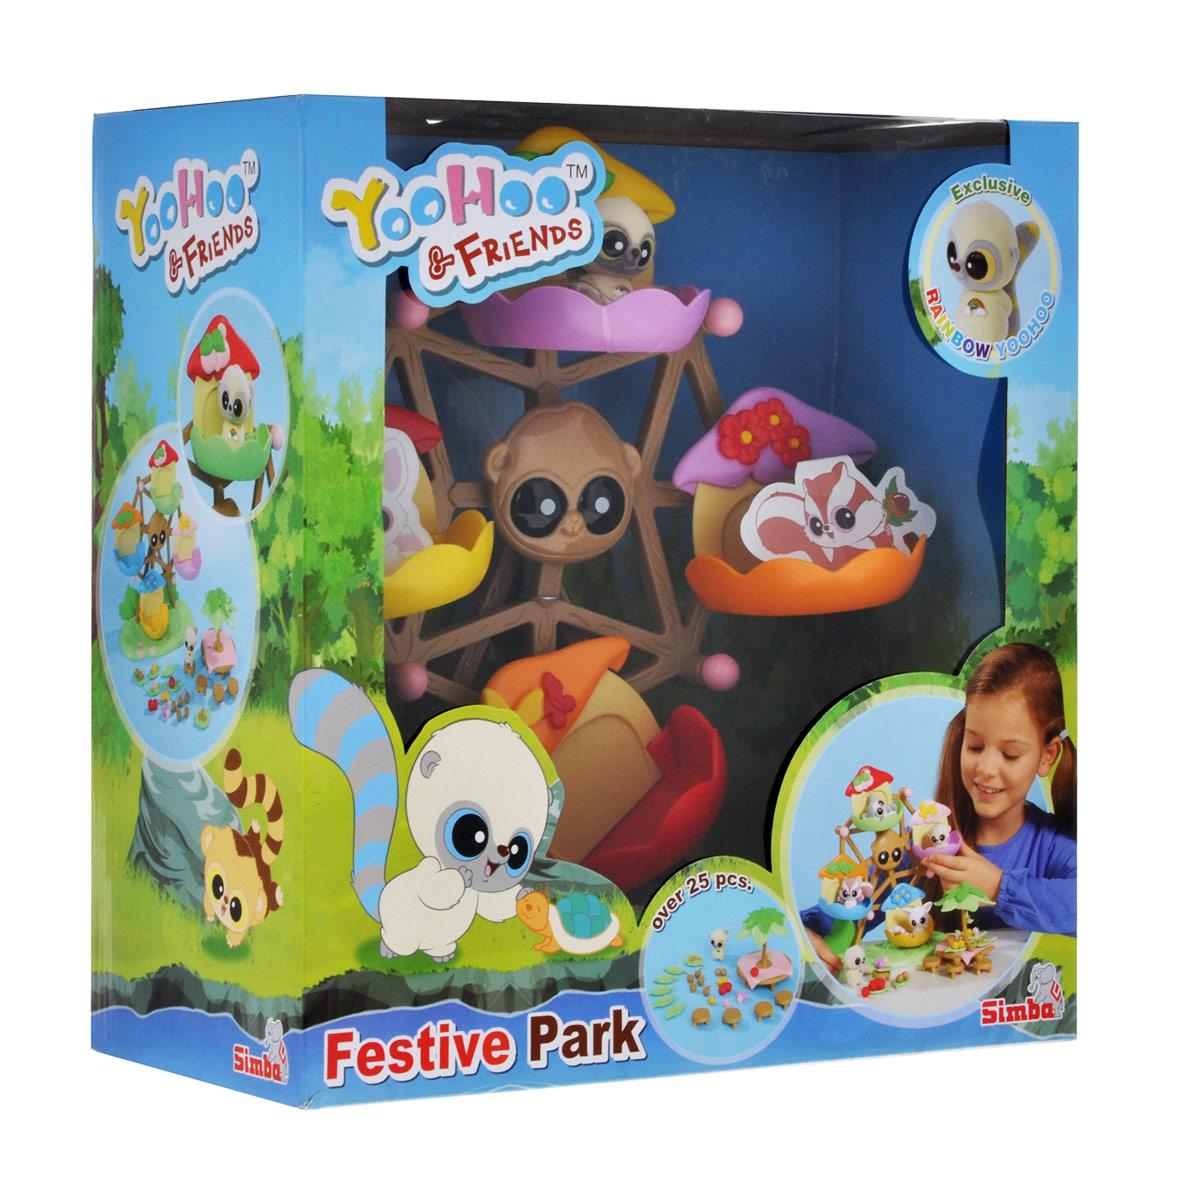 Simba Игровой набор YooHoo & Friends Каруселька5955312Игровой набор YooHoo & Friends Каруселька не оставит равнодушной ни одну девочку. YooHoo и его друзья хотят отдохнуть и повеселиться! Они решили покататься на вращающемся колесе обозрения и устроить пикник. За столом для пикника друзья могут сидеть и есть вкусные плоды. Набор включает в себя колесо обозрения, стол для пикника с зонтиком, многочисленные стулья и фрукты и уникальную фигурку в виде YooHoo, приятную на ощупь. Благодаря маленьким размерам элементов набора ваша малышка сможет брать его с собой на прогулку или в гости. Порадуйте ее таким замечательным подарком! Характеристики: Материал: текстиль, пластик. Высота фигурки: 4 см. Высота колеса: 24 см. Диаметр столика: 8 см.